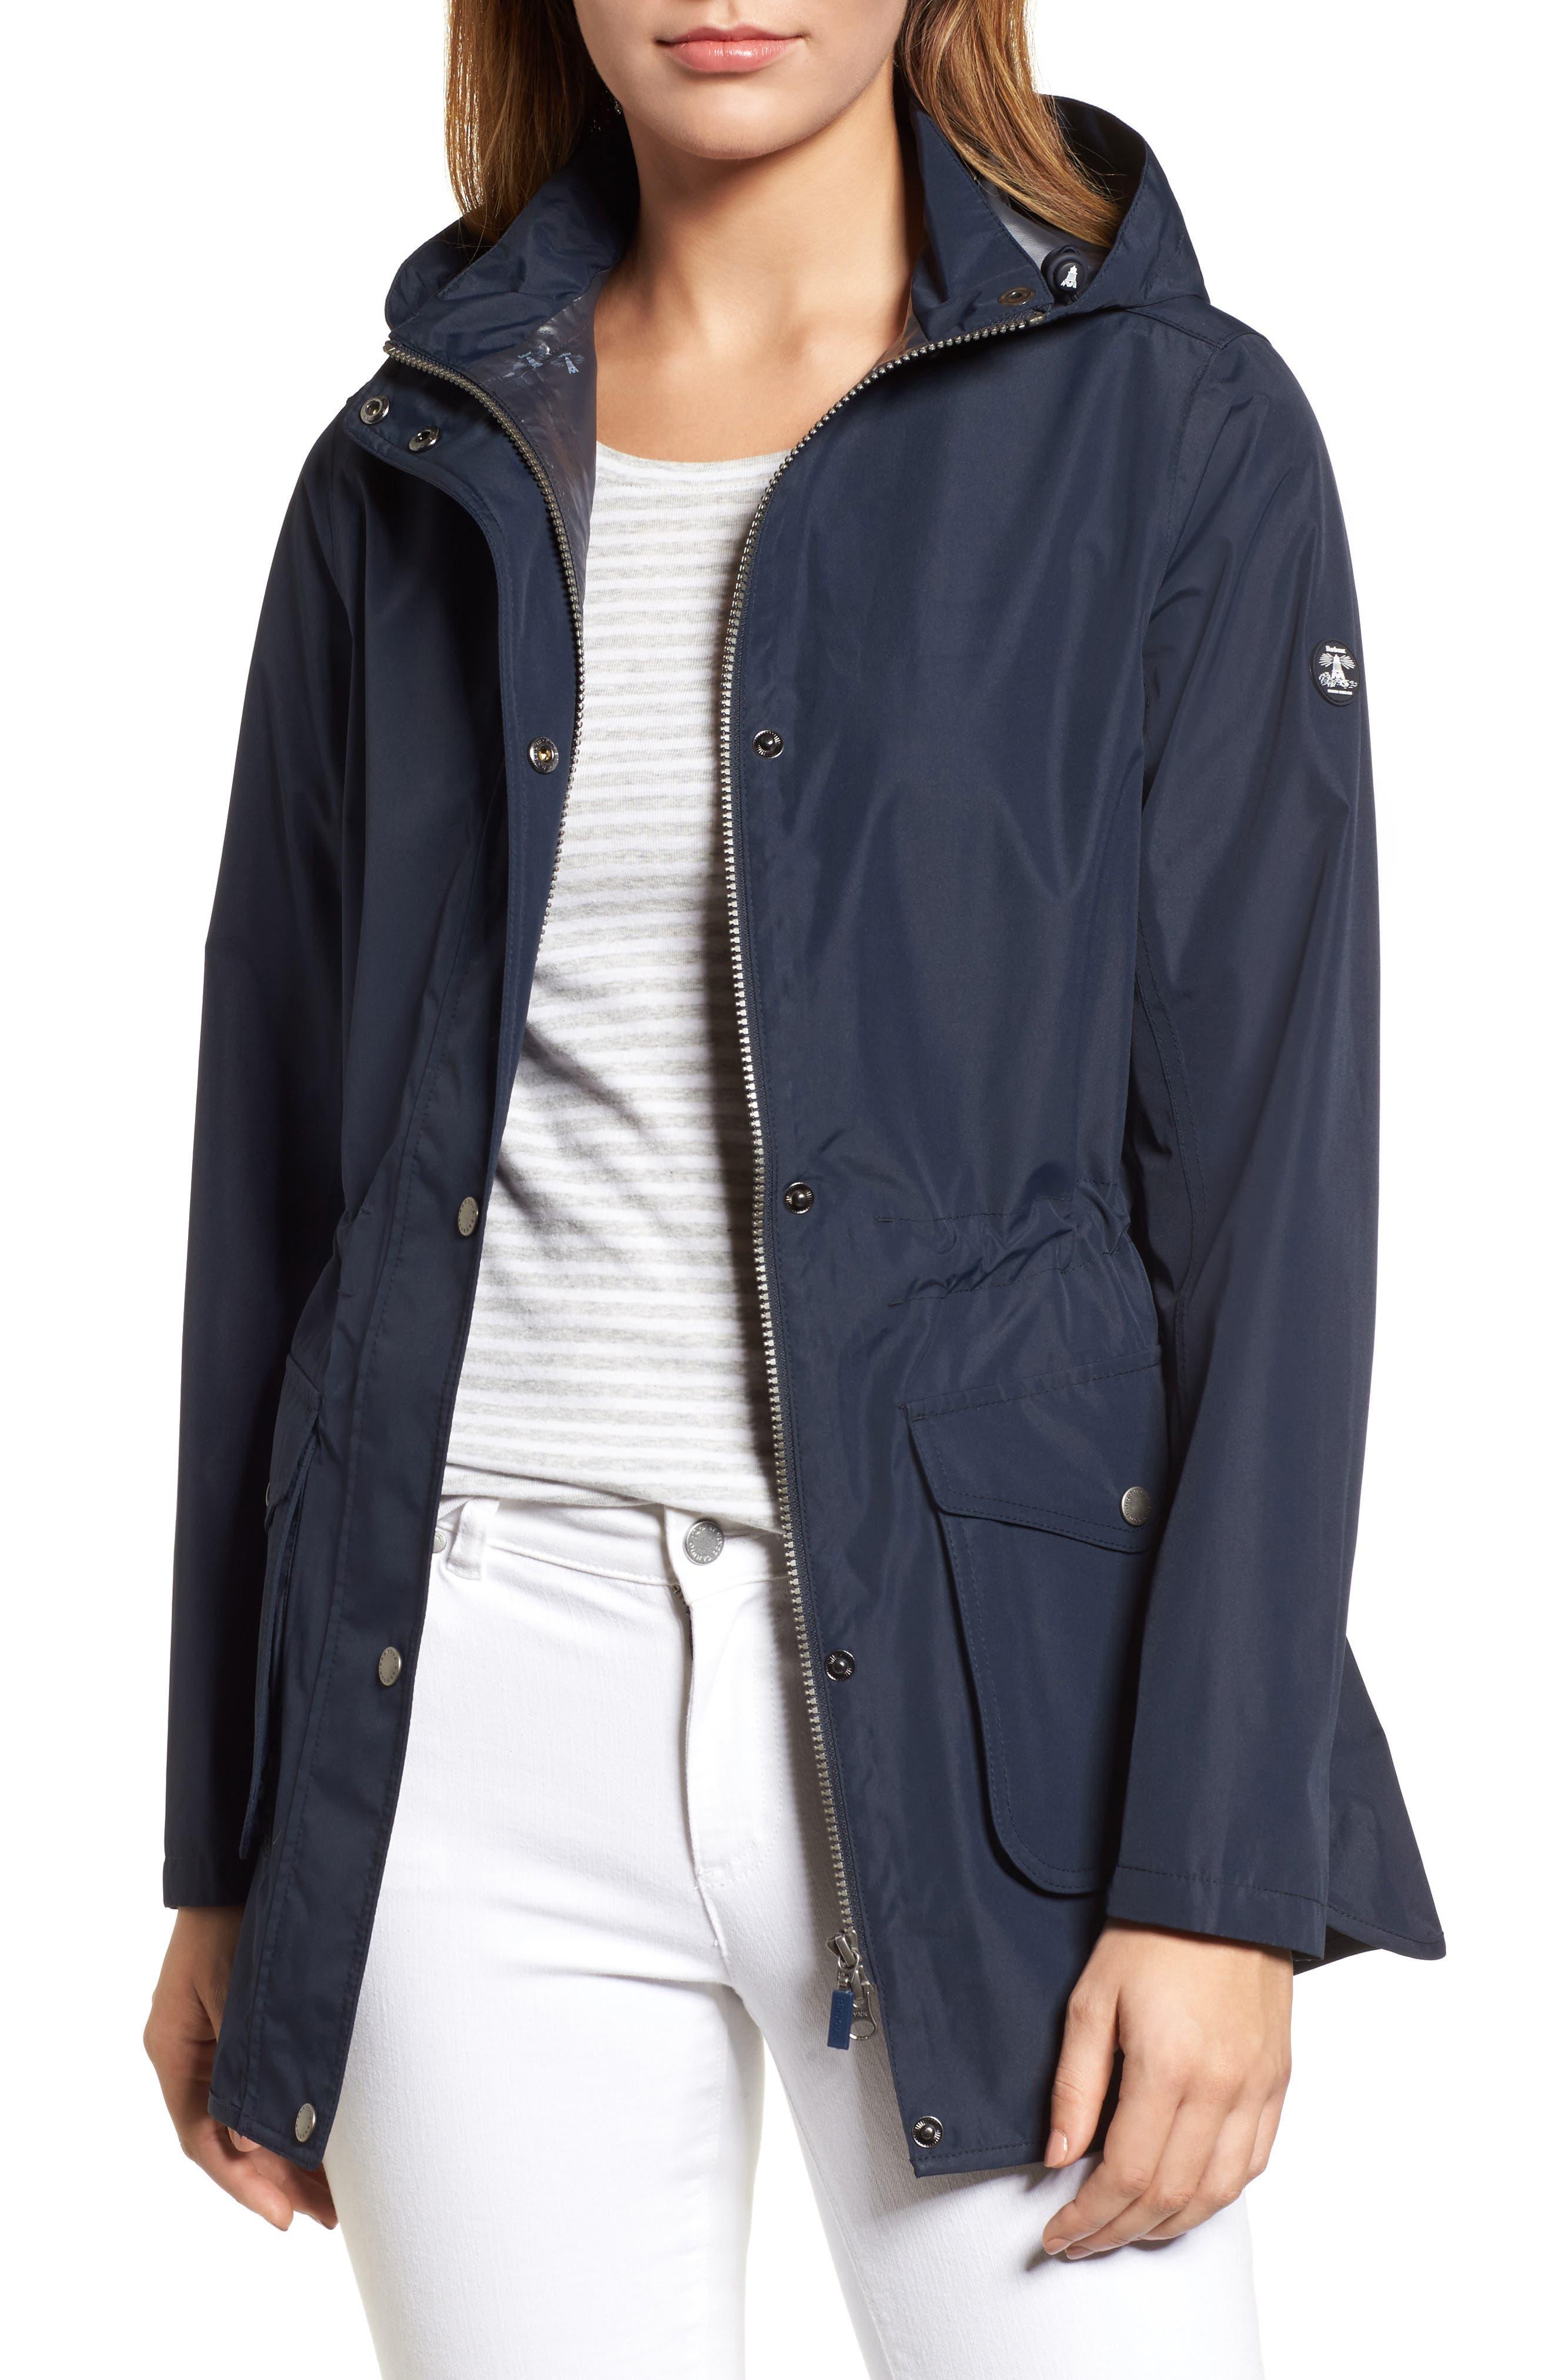 Studland Waterproof Jacket,                             Main thumbnail 1, color,                             Navy